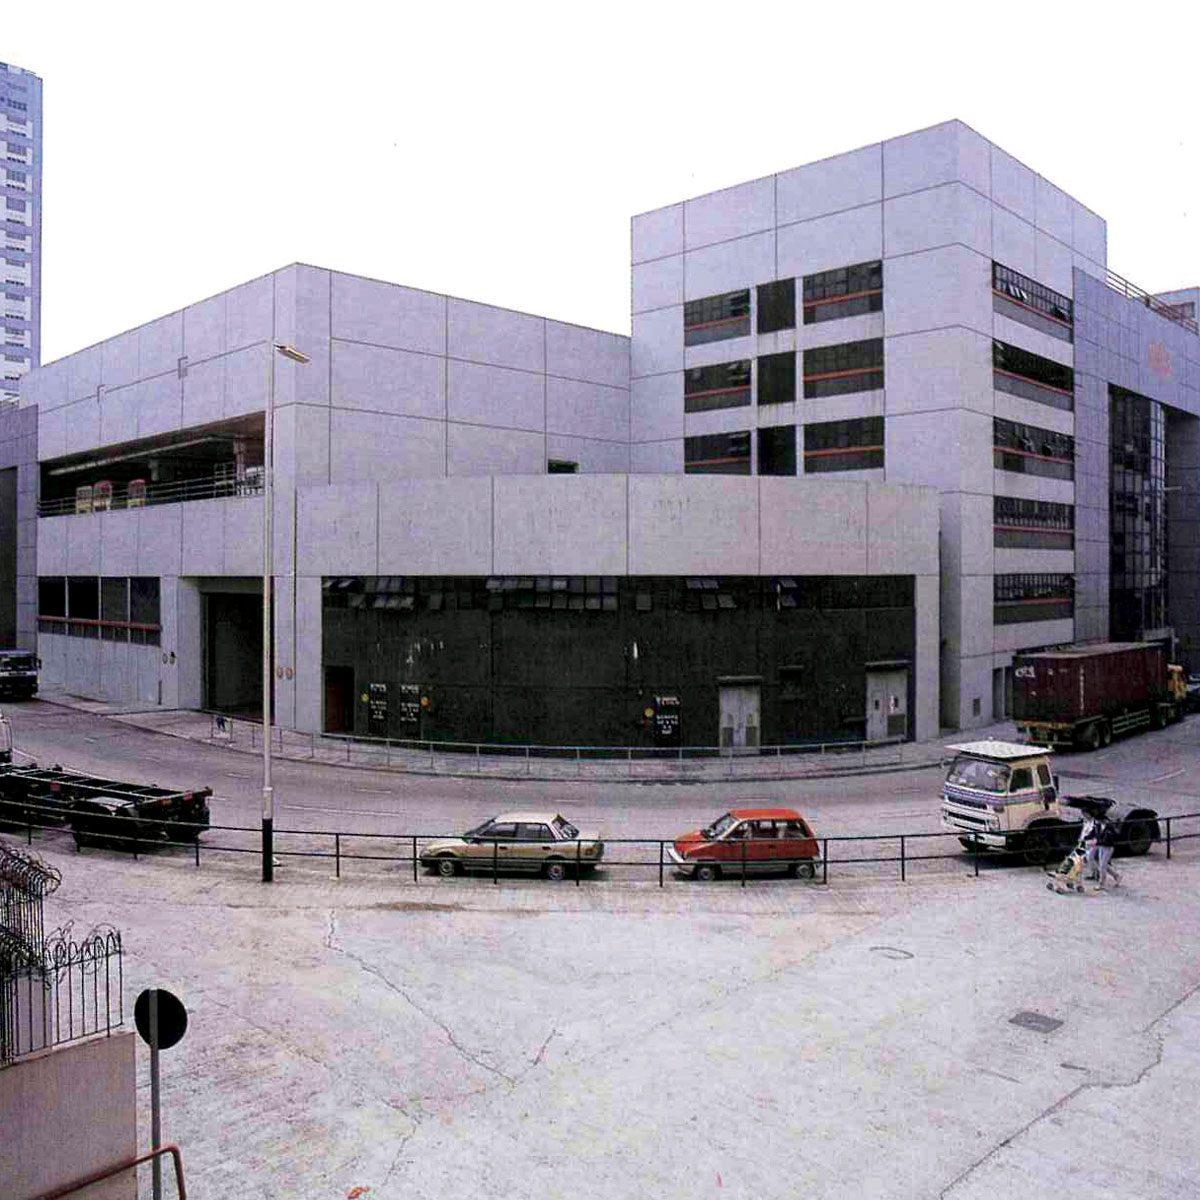 Bus Depot at 6 Yuen Shun Circuit, Shatin, New Terroities